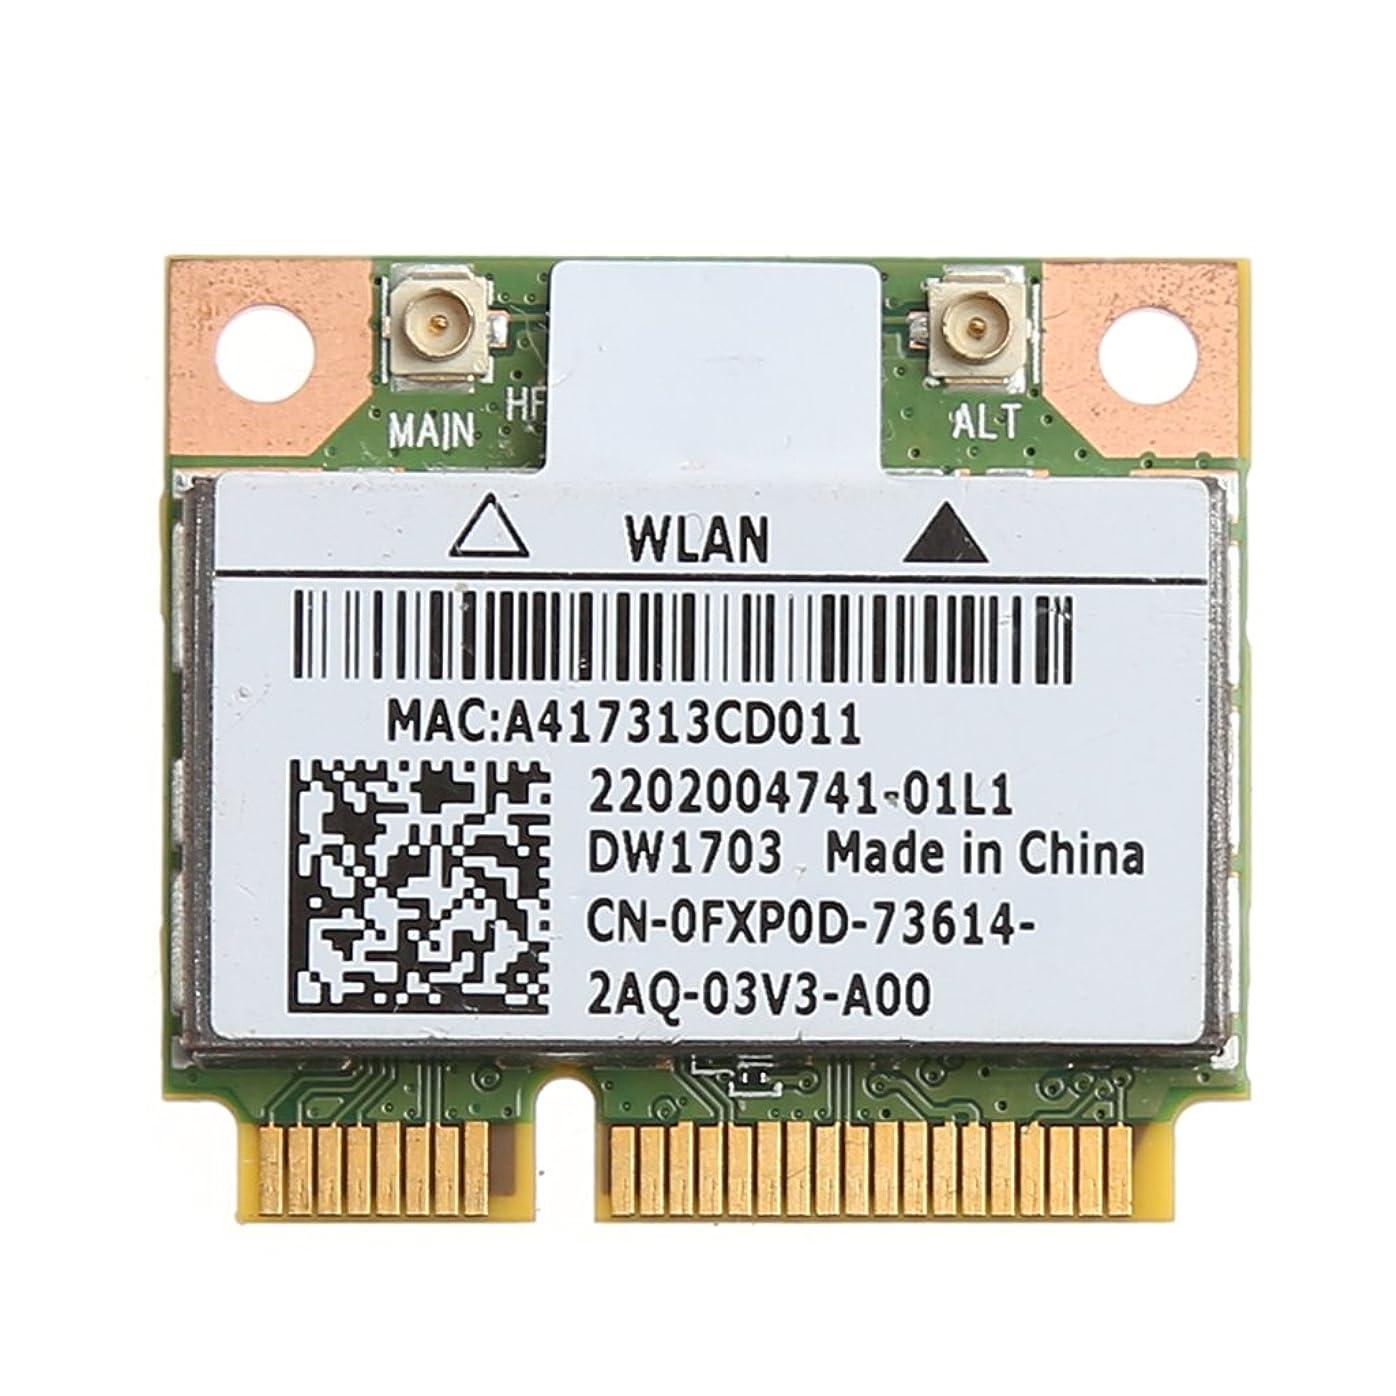 Rabortw 良い品質AR5B225 DW1703用のBluetooth V4.0ワイヤレスミニPCI-Expressカード